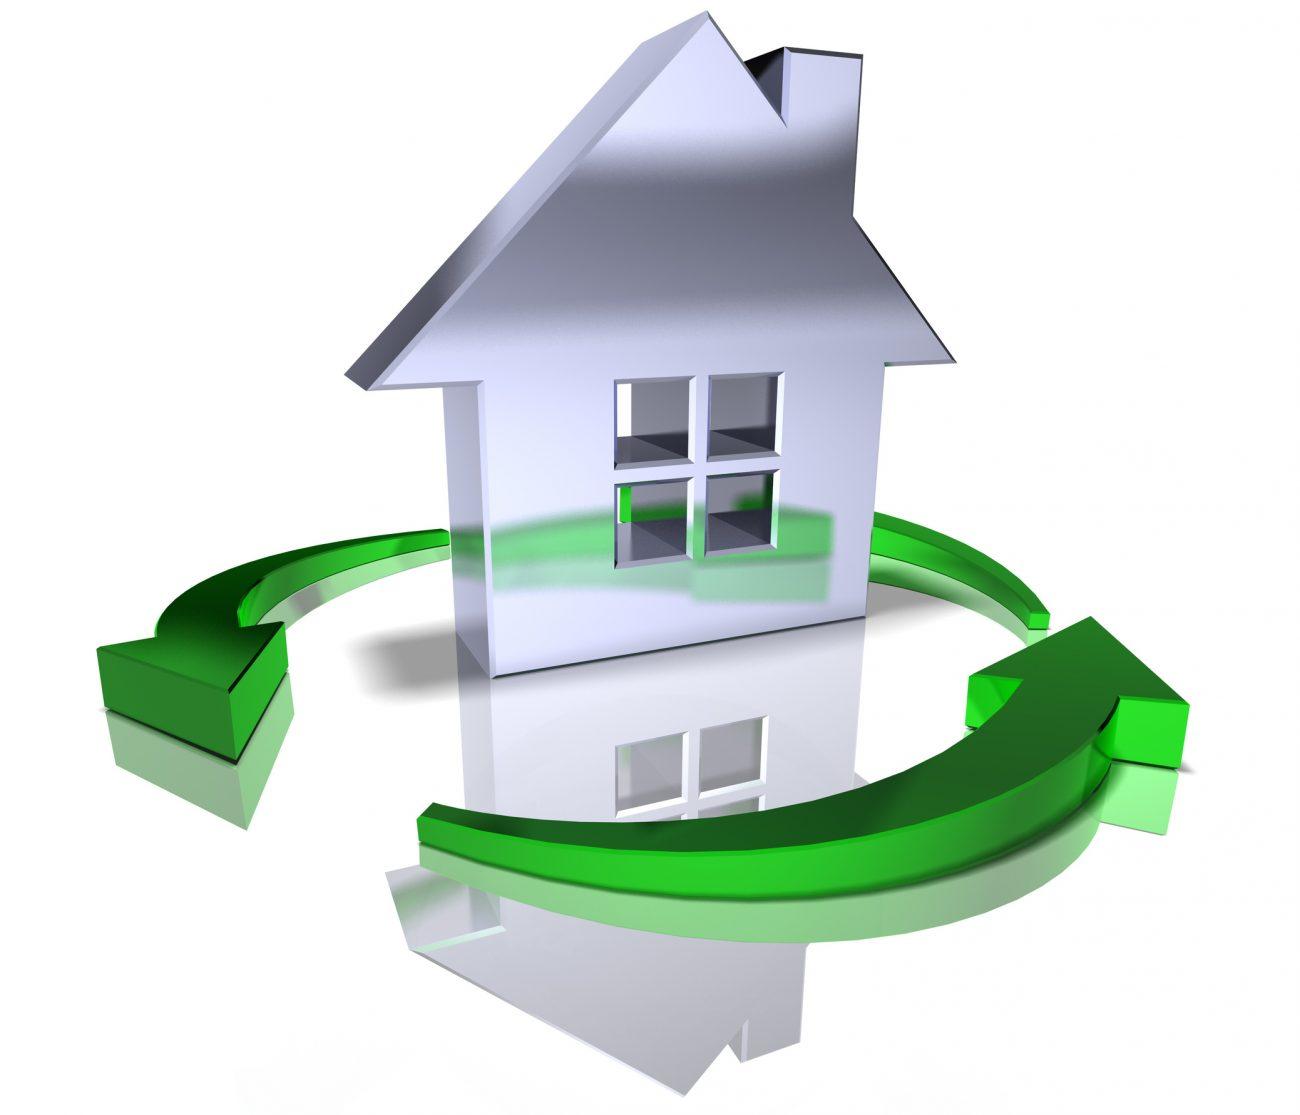 قیمت مسکن ,مسکن, ارزانی مسکن ,بهبود مسکن, خرید مسکن, معاملات مسکن